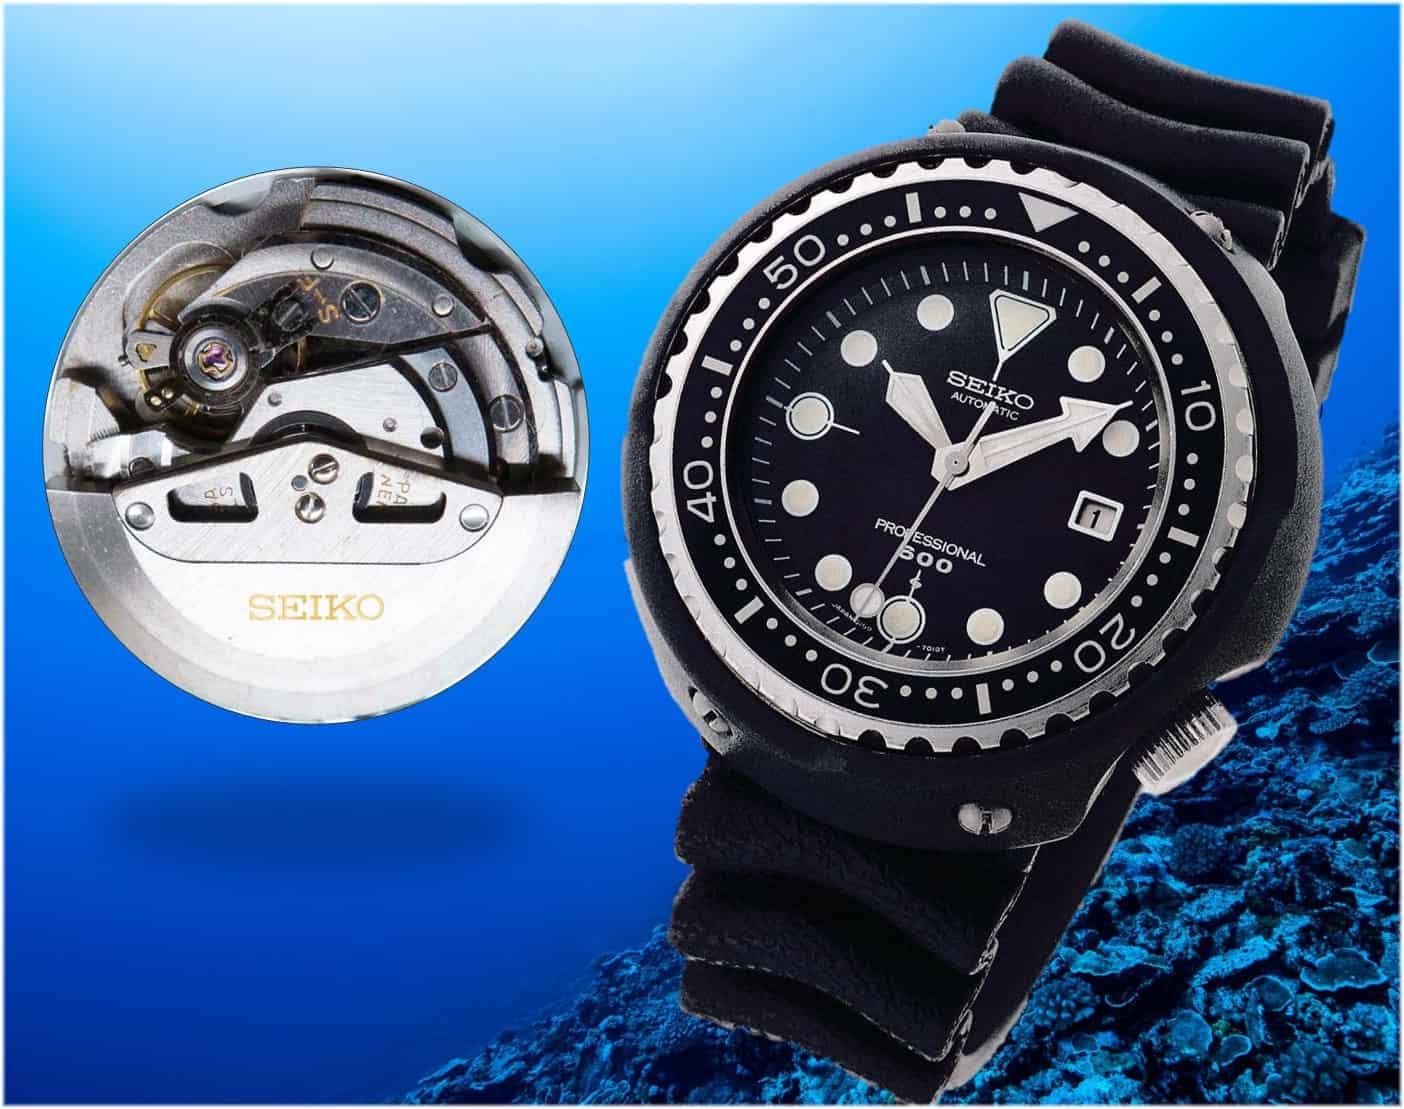 Seiko Professional 600m Watch Kaliber 6159A von 1975